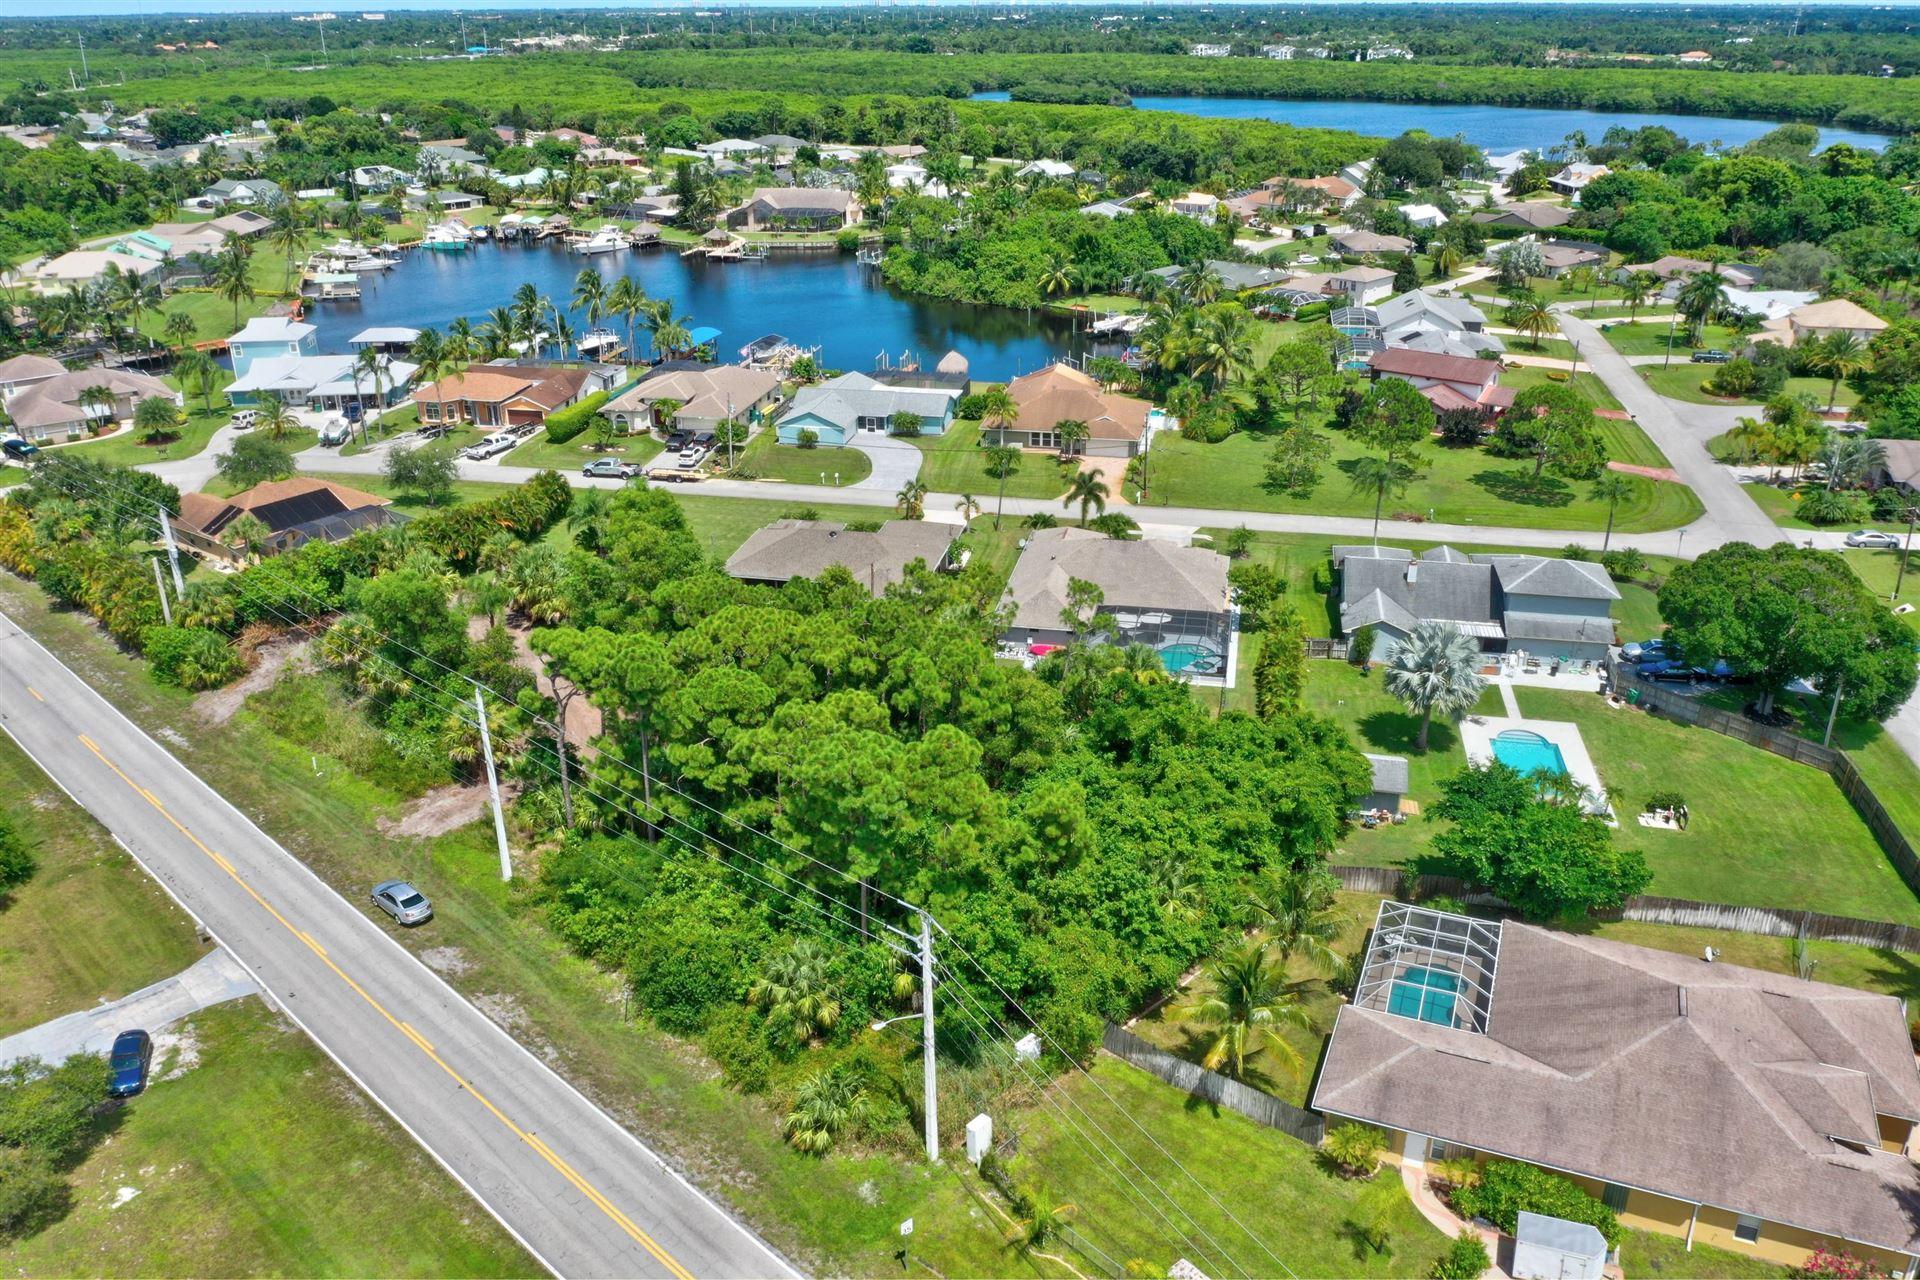 Photo of 2541 SE Floresta Drive, Port Saint Lucie, FL 34984 (MLS # RX-10646969)